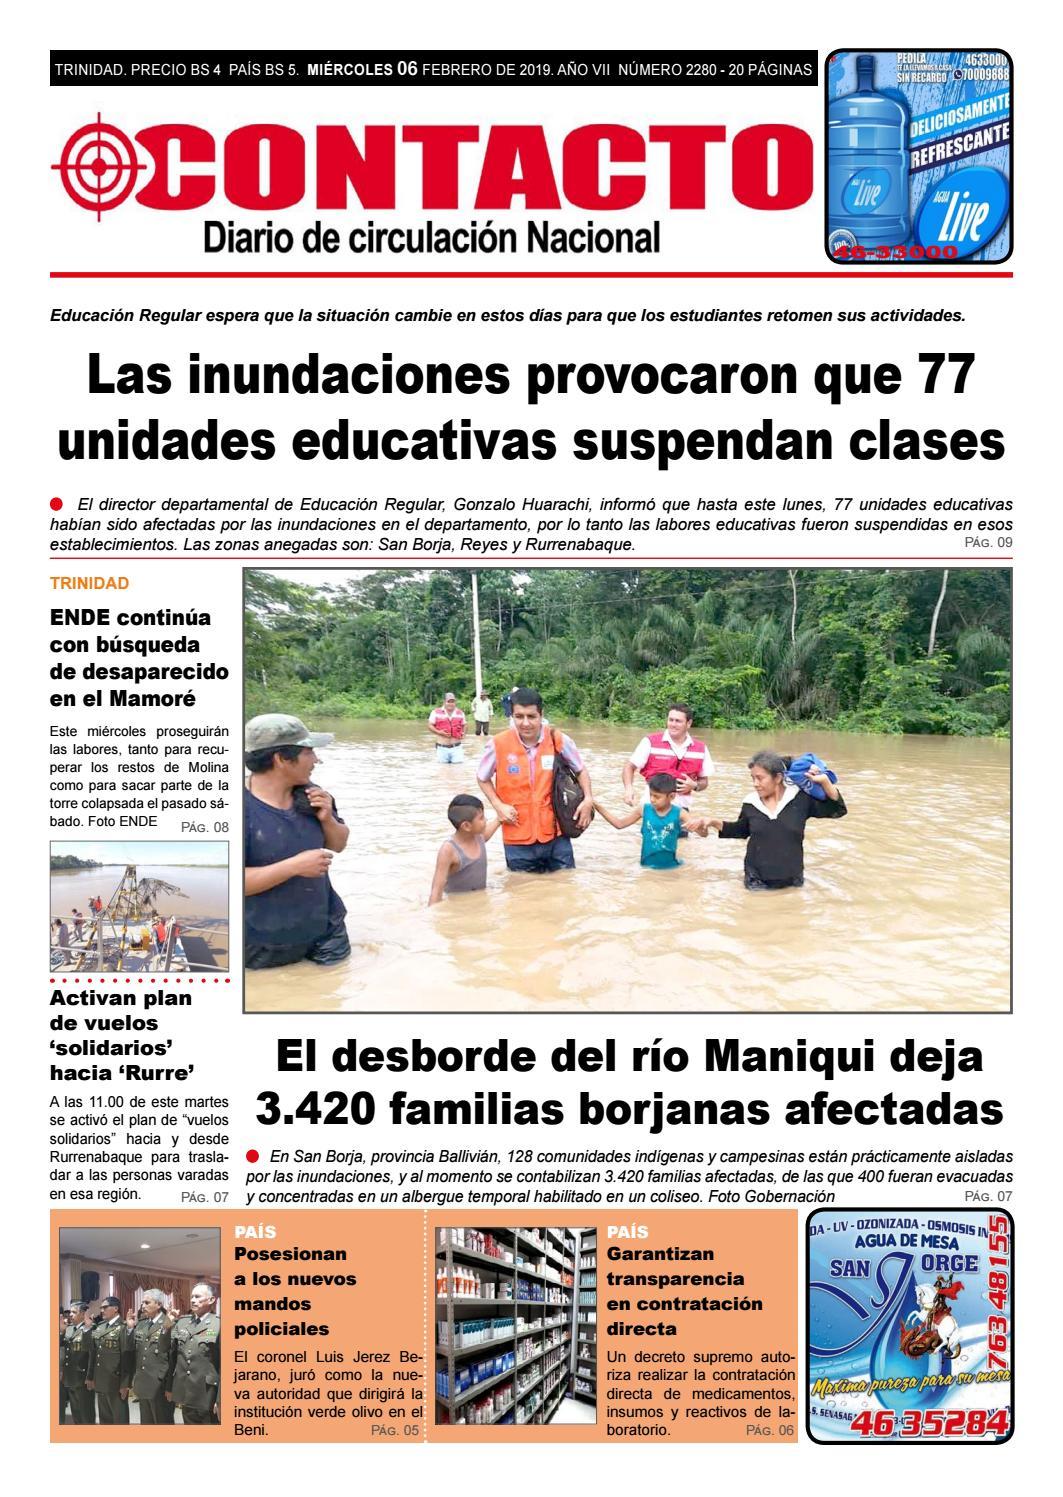 Diario Contacto 06 De Febrero De 2019 By Diario Contacto Beni